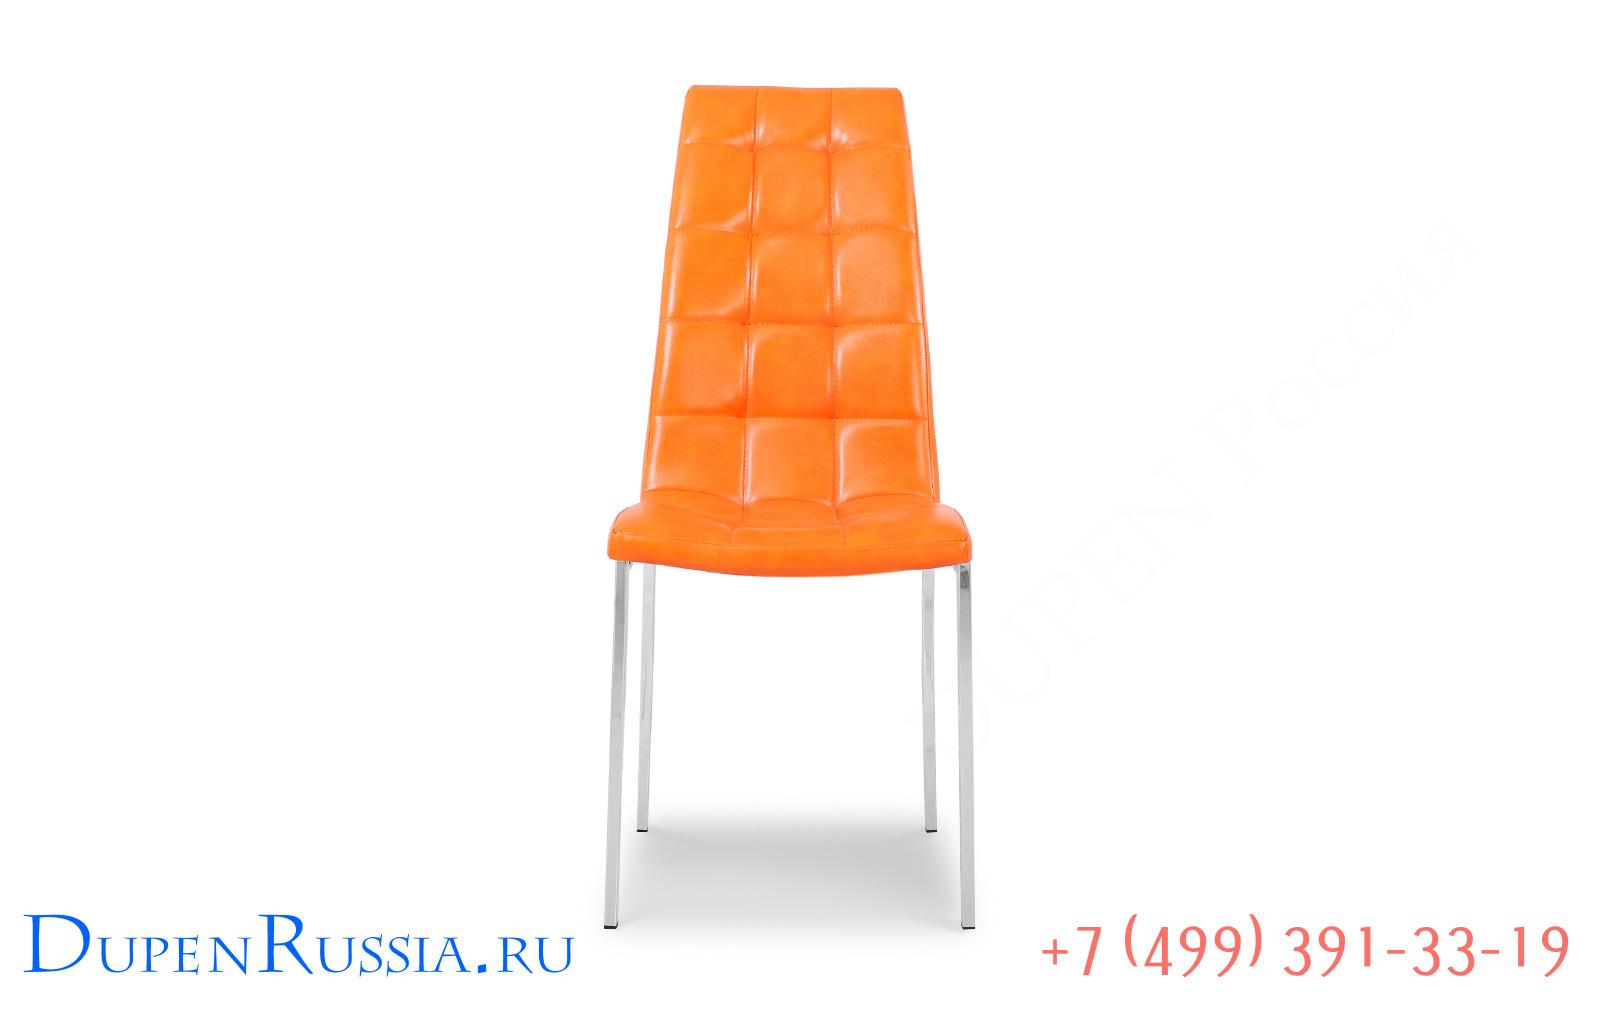 Стул ESF DC365 оранжевый